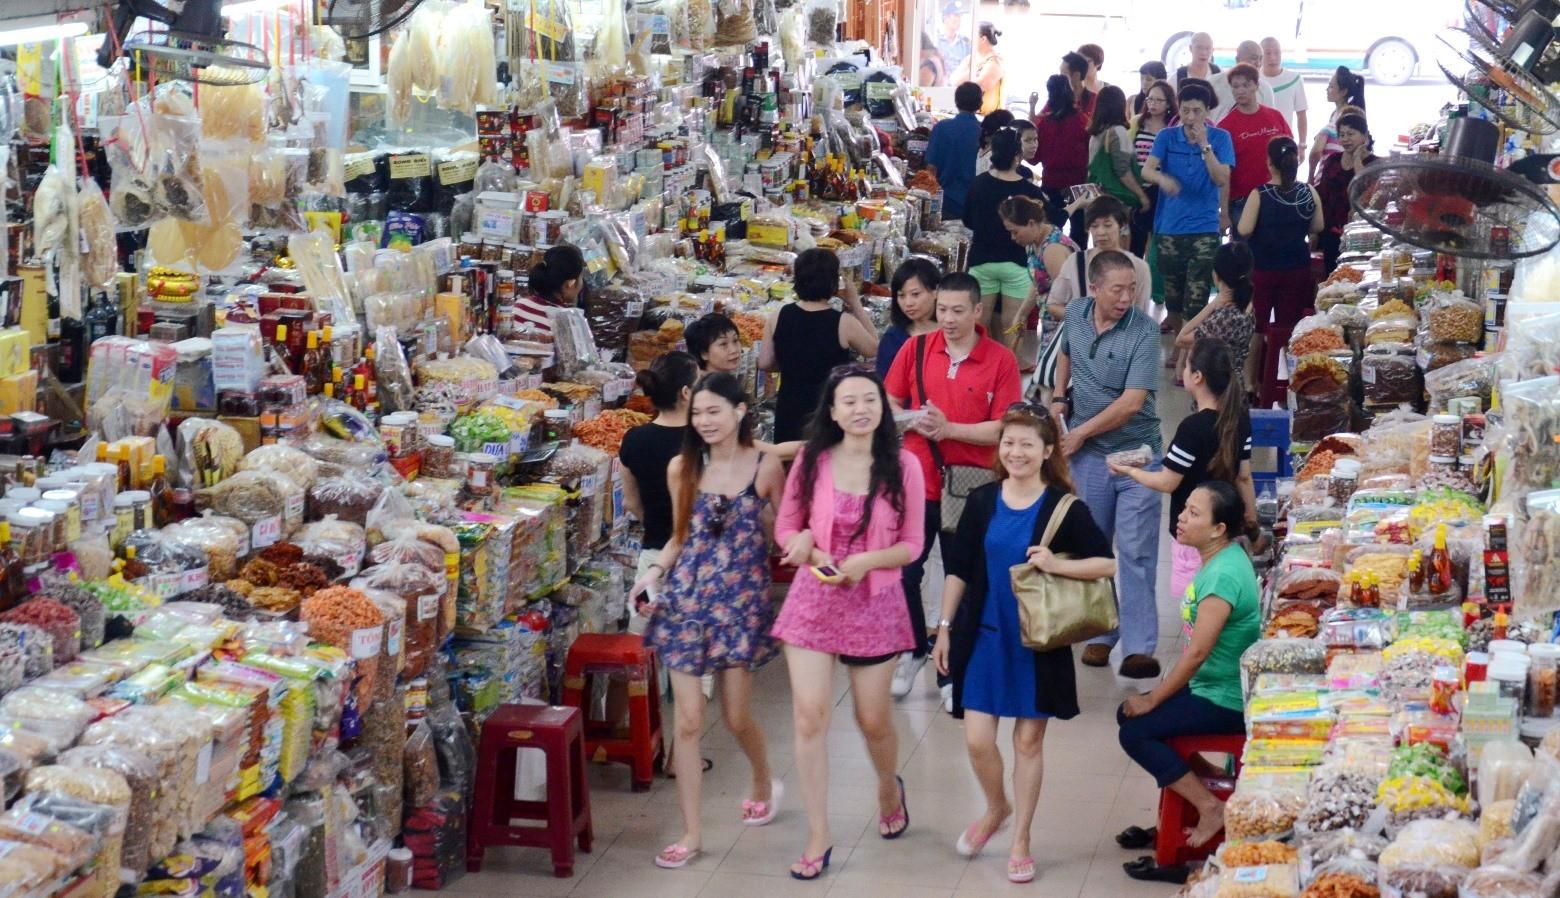 HAN MARKET - Famous market in danang vietnam